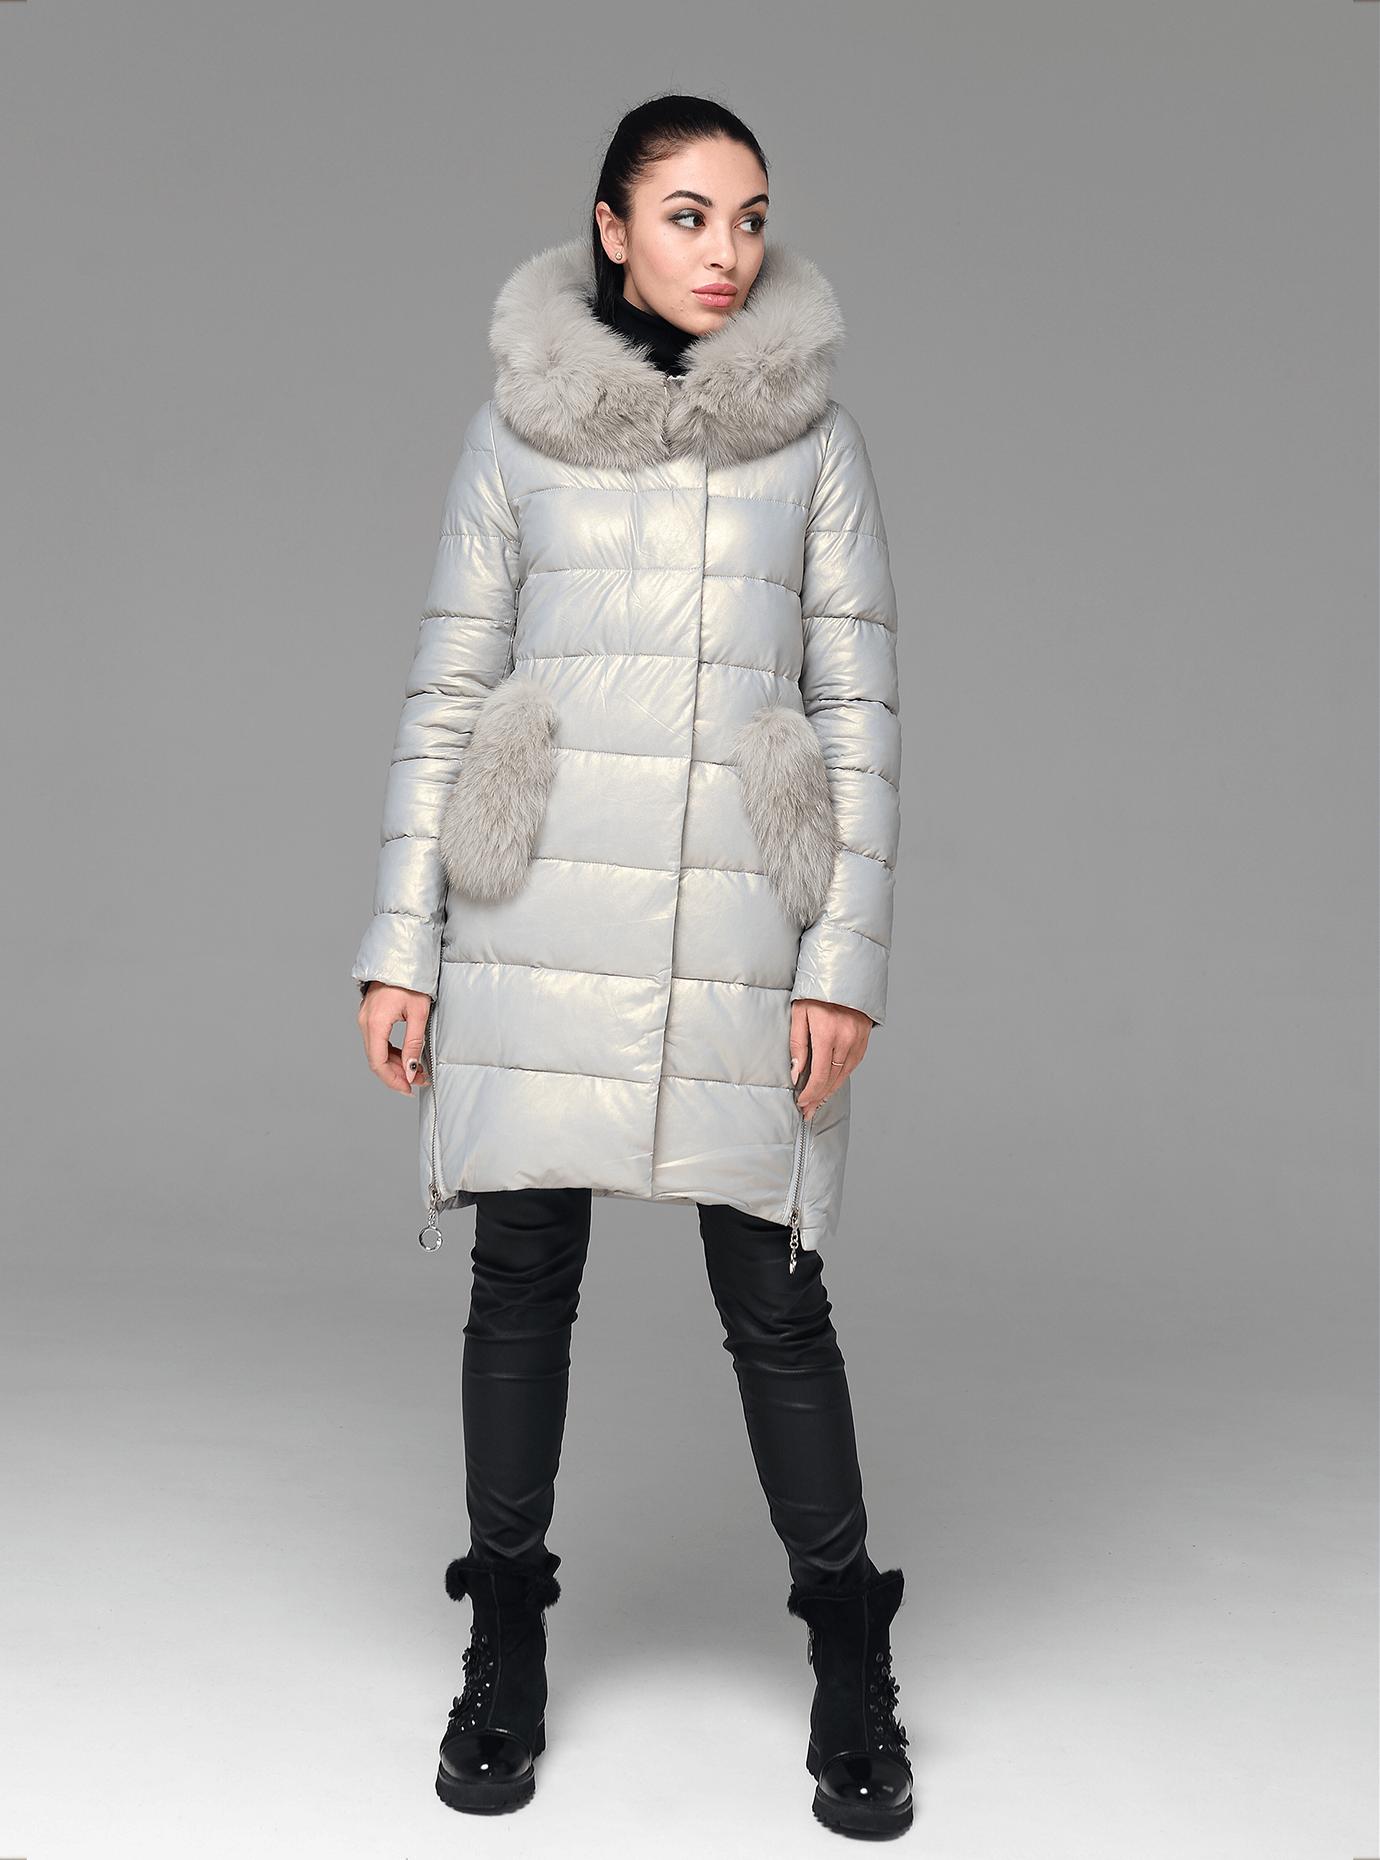 Куртка зимова стьобана з хутром песця Світло-сірий XL (05-ZL2195): фото - Alster.ua